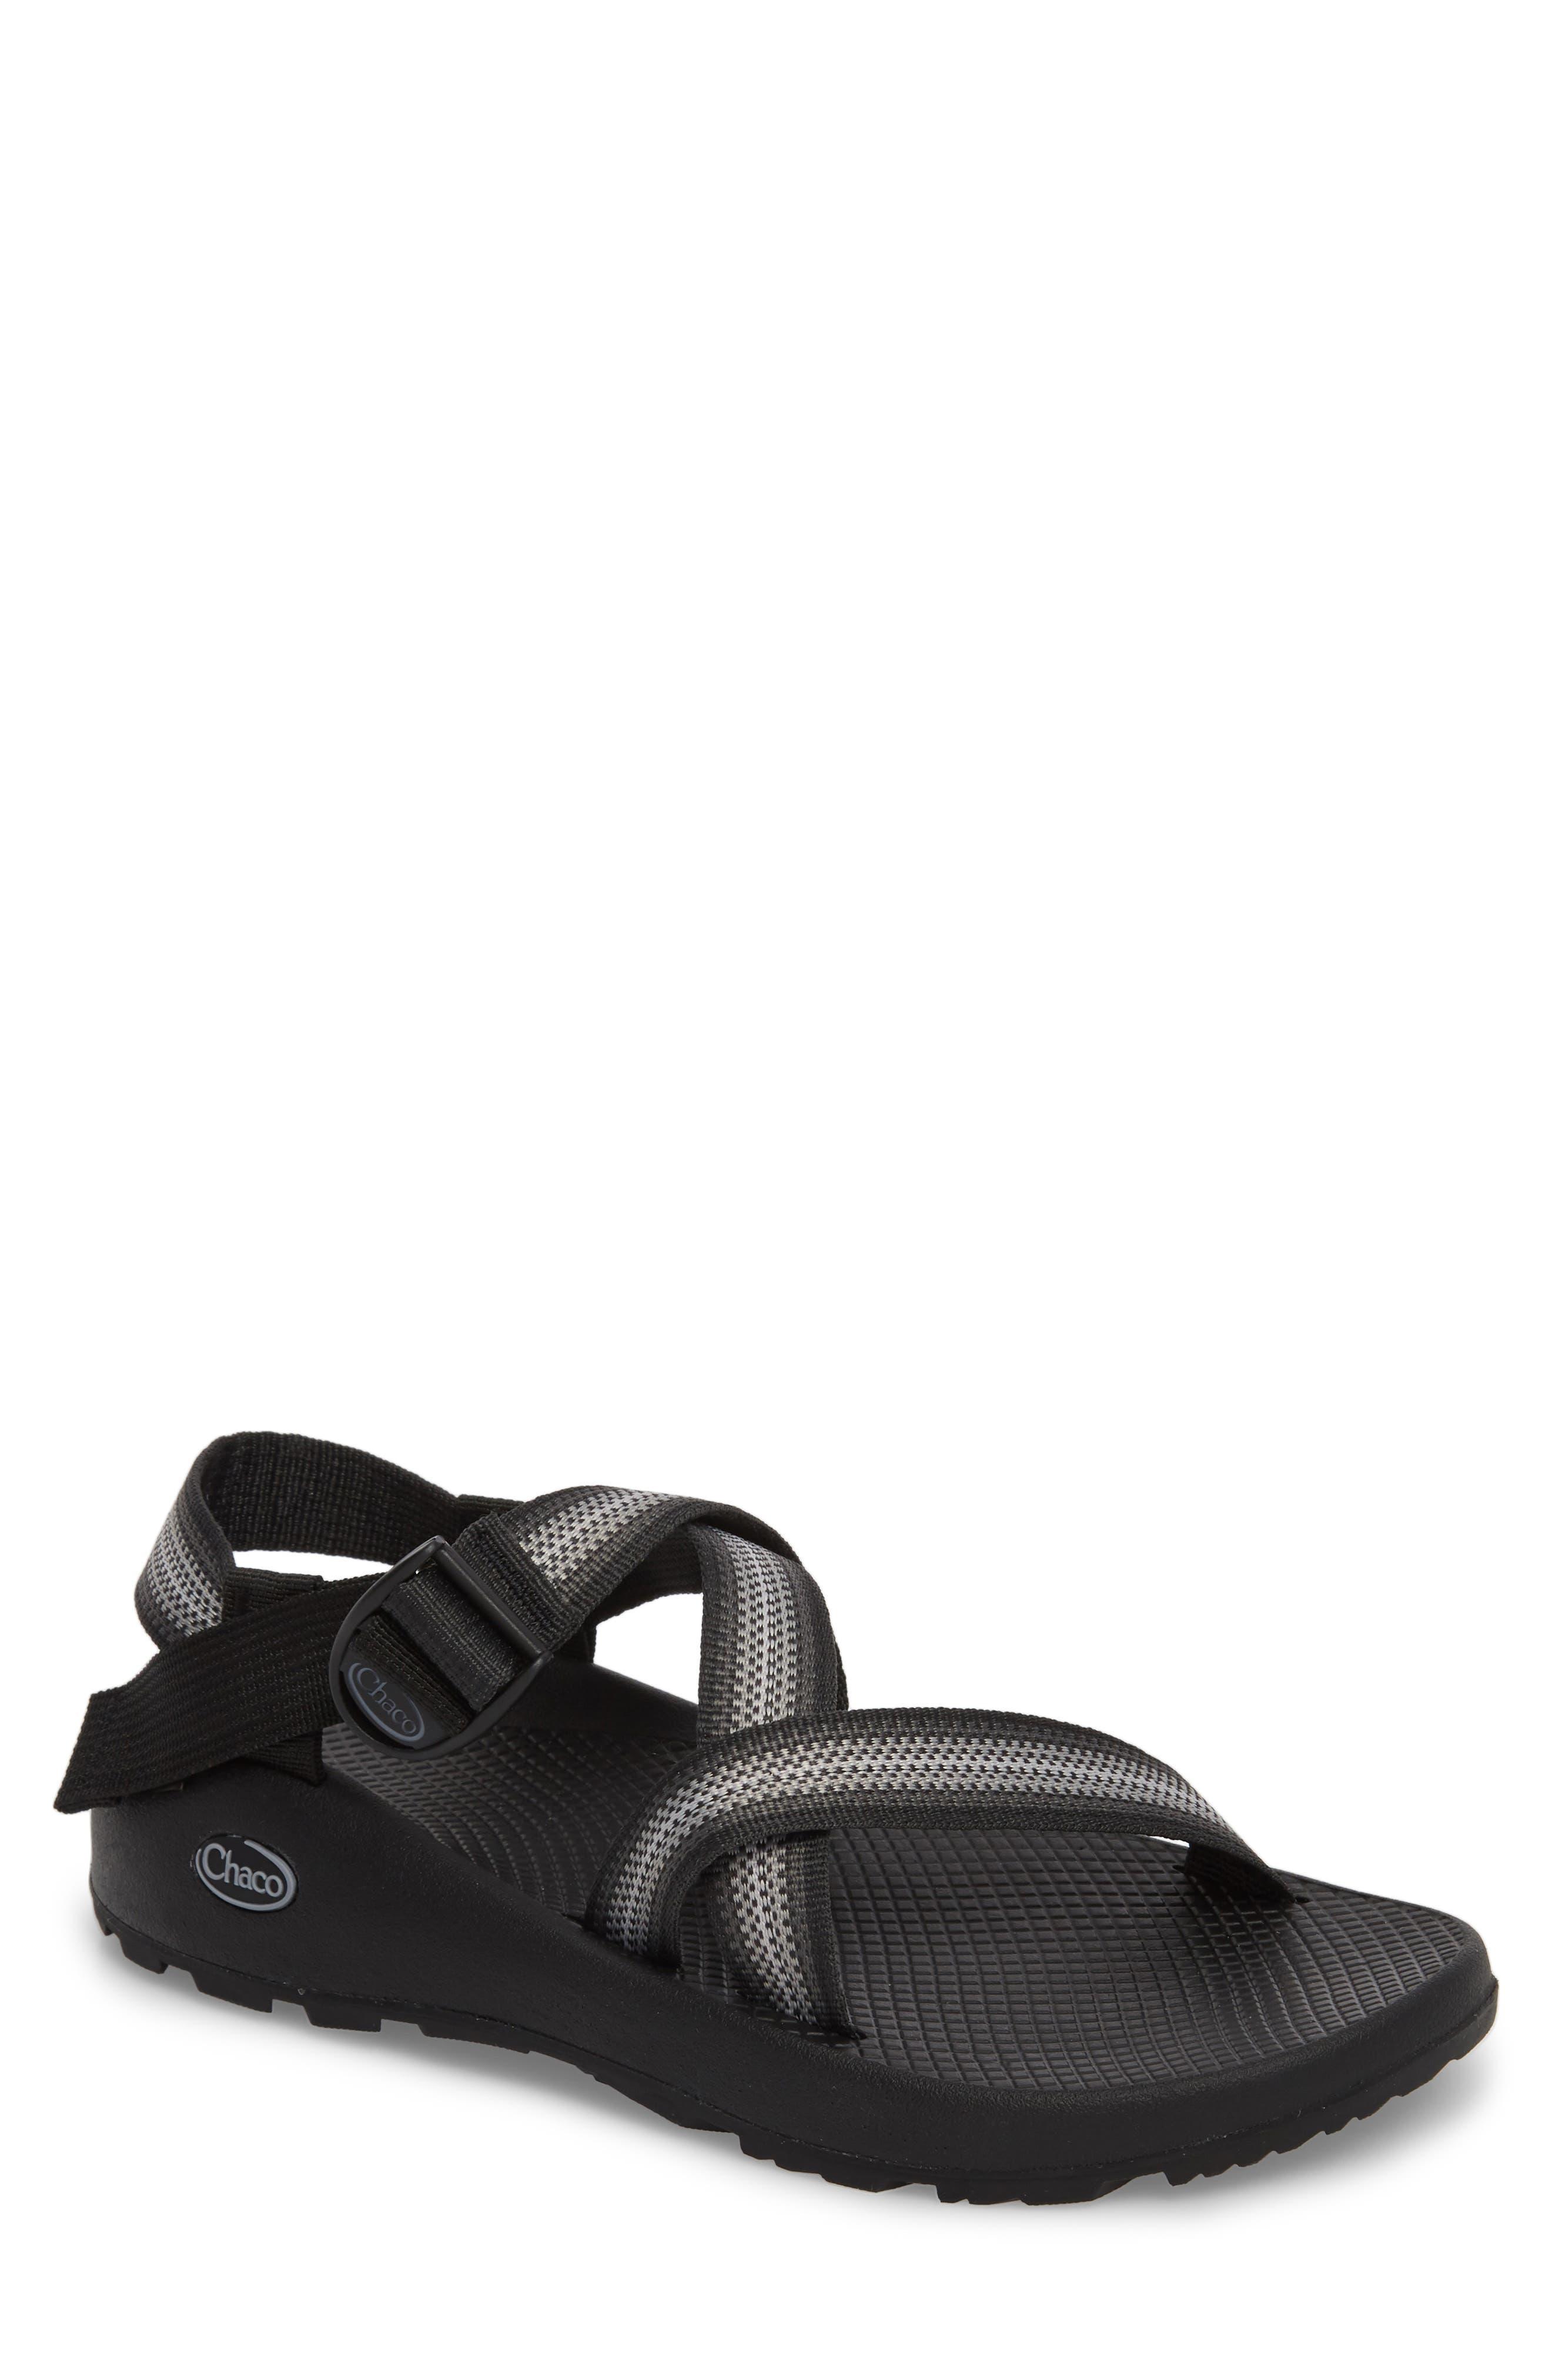 Z/1 Classic Sport Sandal,                         Main,                         color, 020